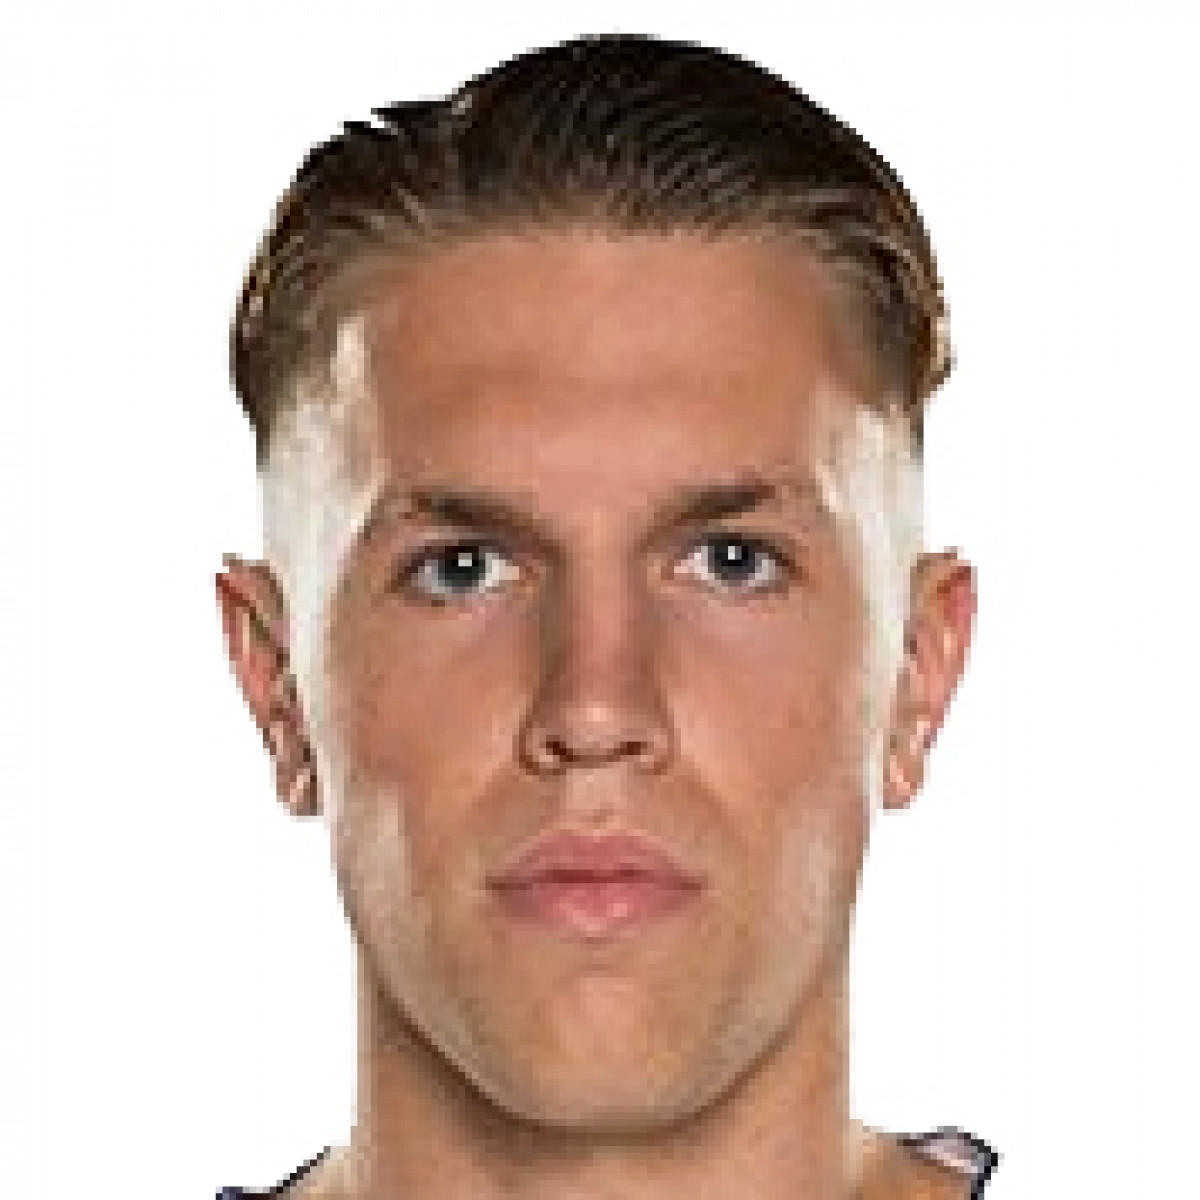 Jakob Schoepe